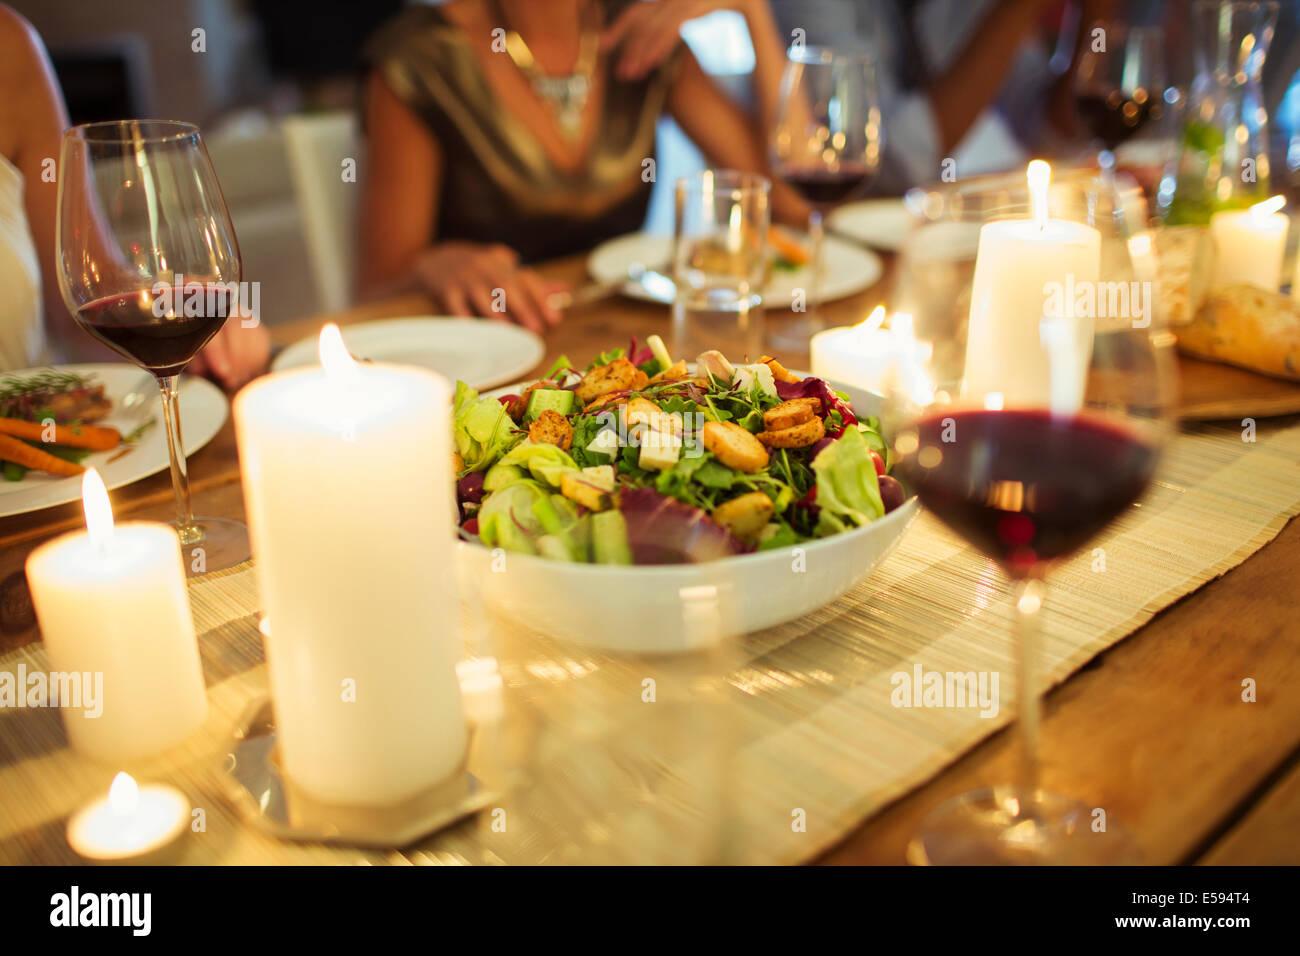 Salatschüssel auf Tisch bei der Dinner-party Stockbild